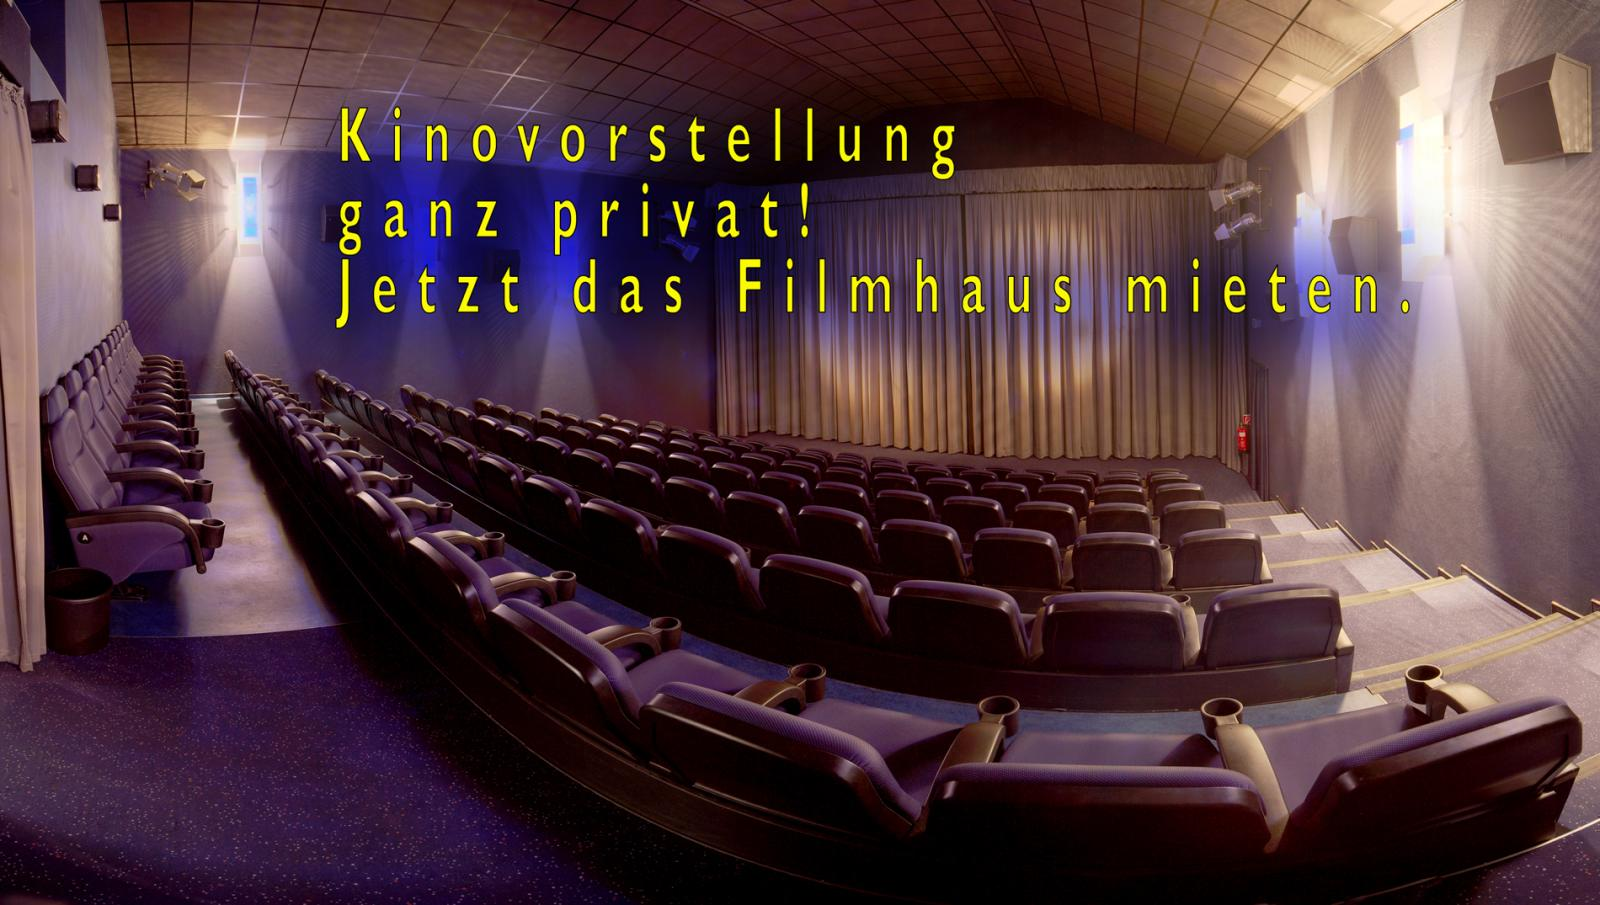 Kino für Privatvorstellungen mieten